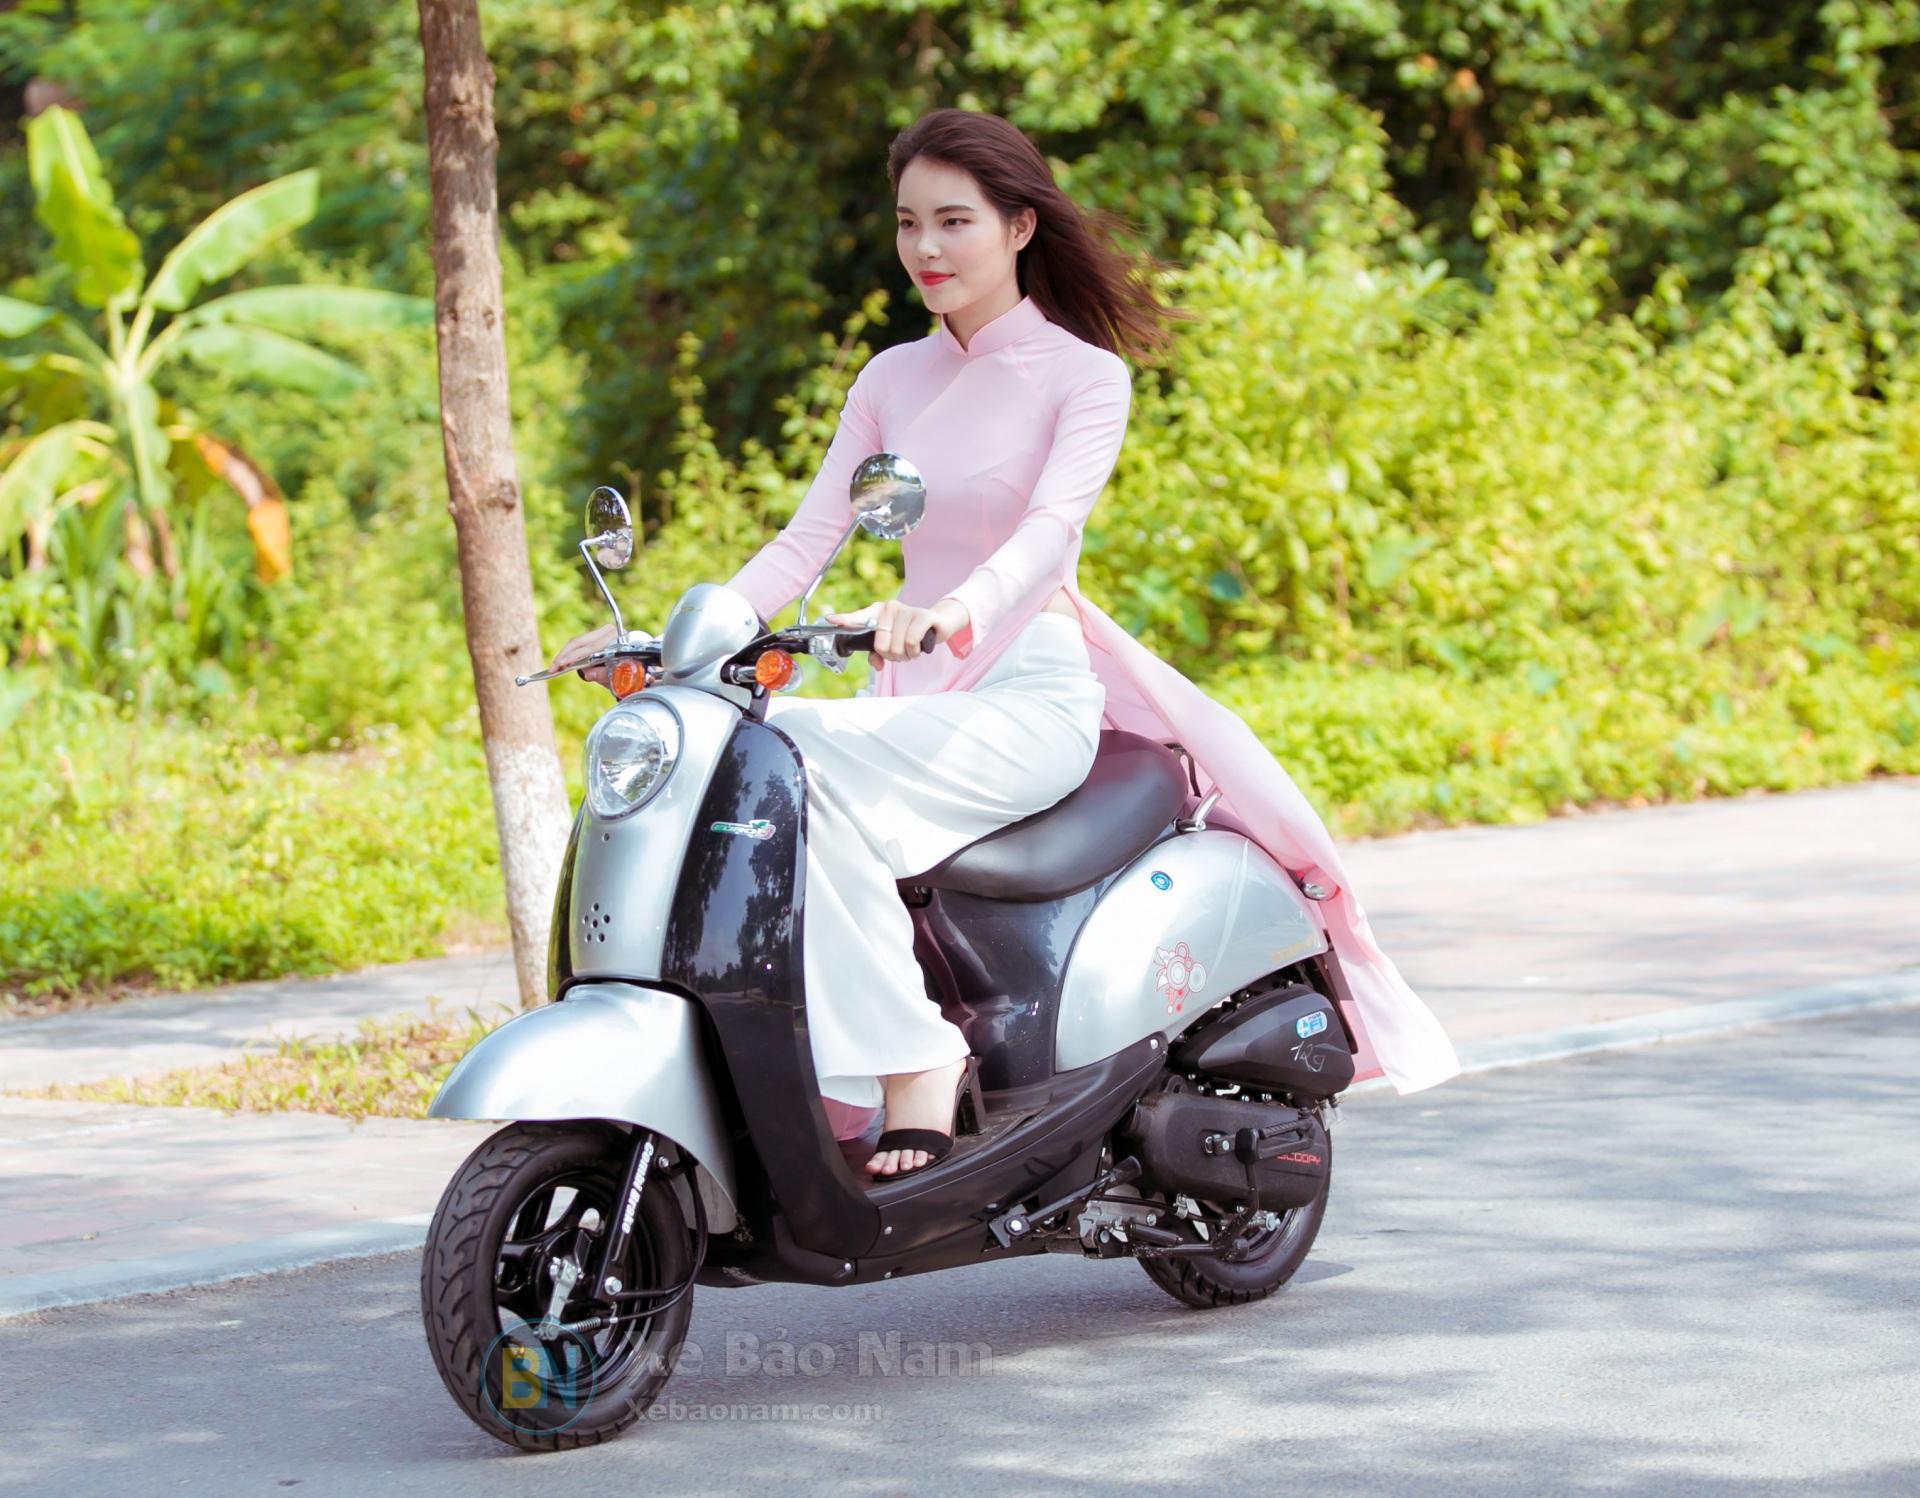 xe-ga-50cc-scoopy-mau-long-chuot-xebaonam(6)